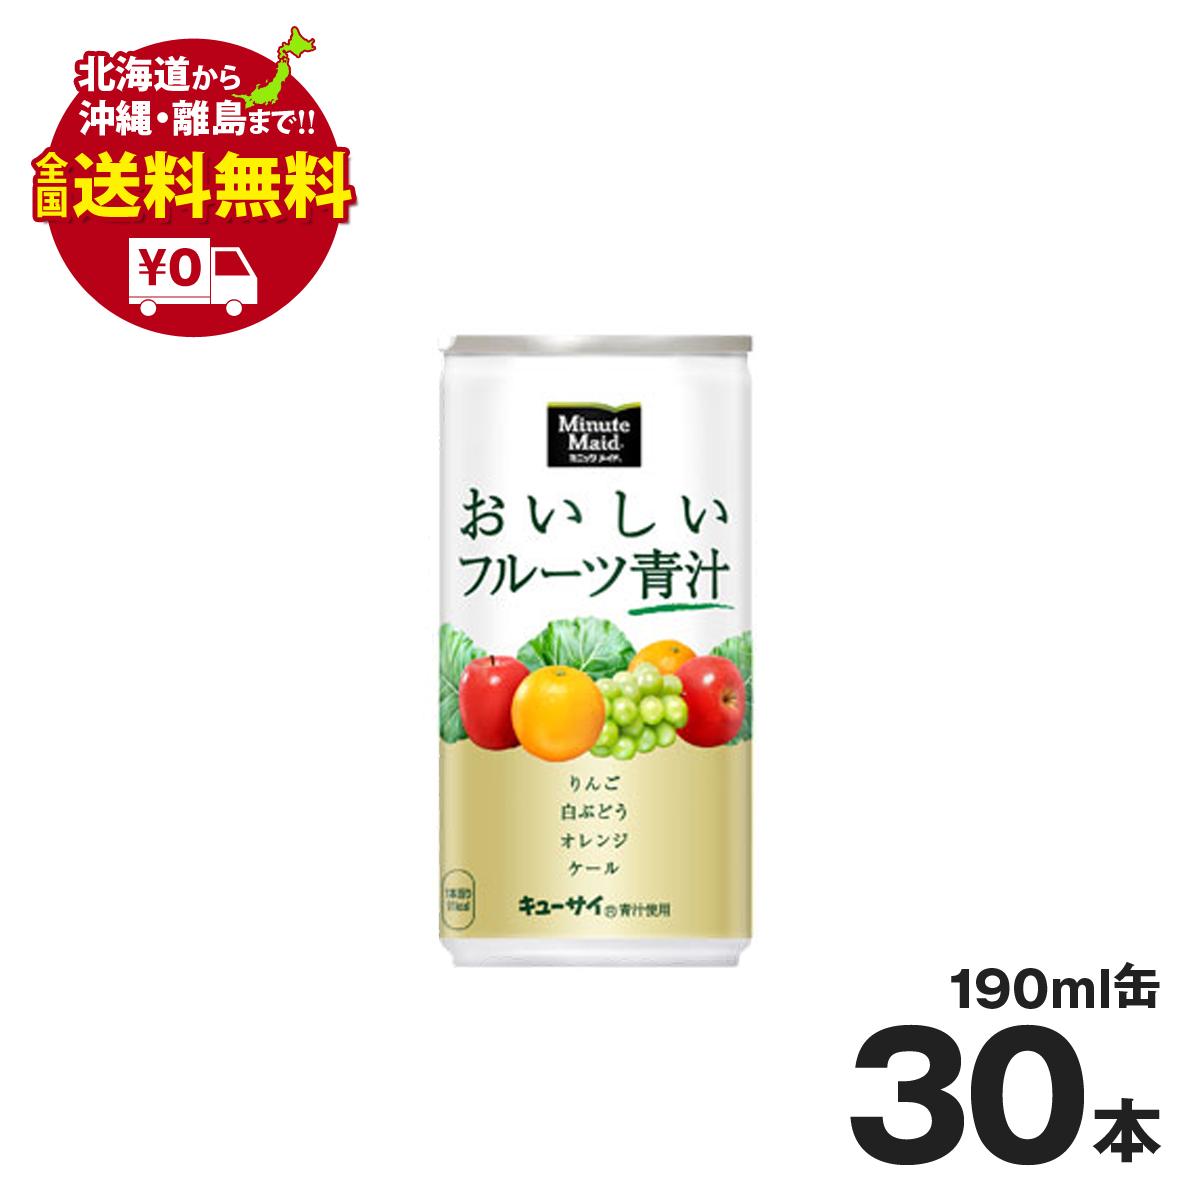 ミニッツメイド 美味しいフルーツ青汁 190ml缶 30本セット